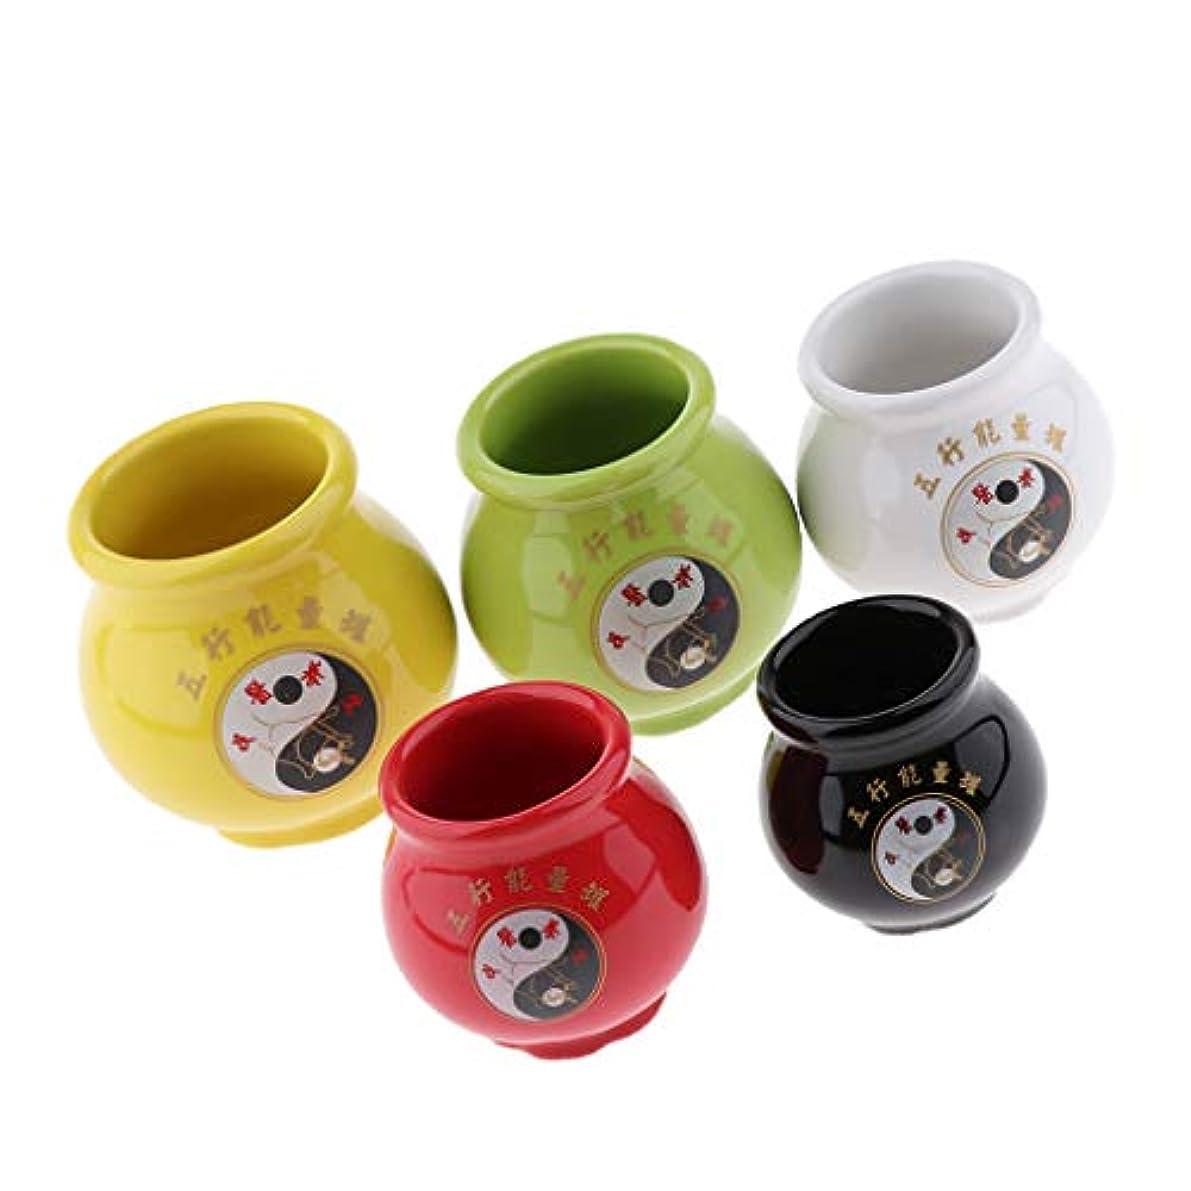 順応性彼自身キャンパスCUTICATE 5個 吸い玉カップ カッピングカップ セラミック製カッピング 真空 健康ケア 男女兼用 実用的